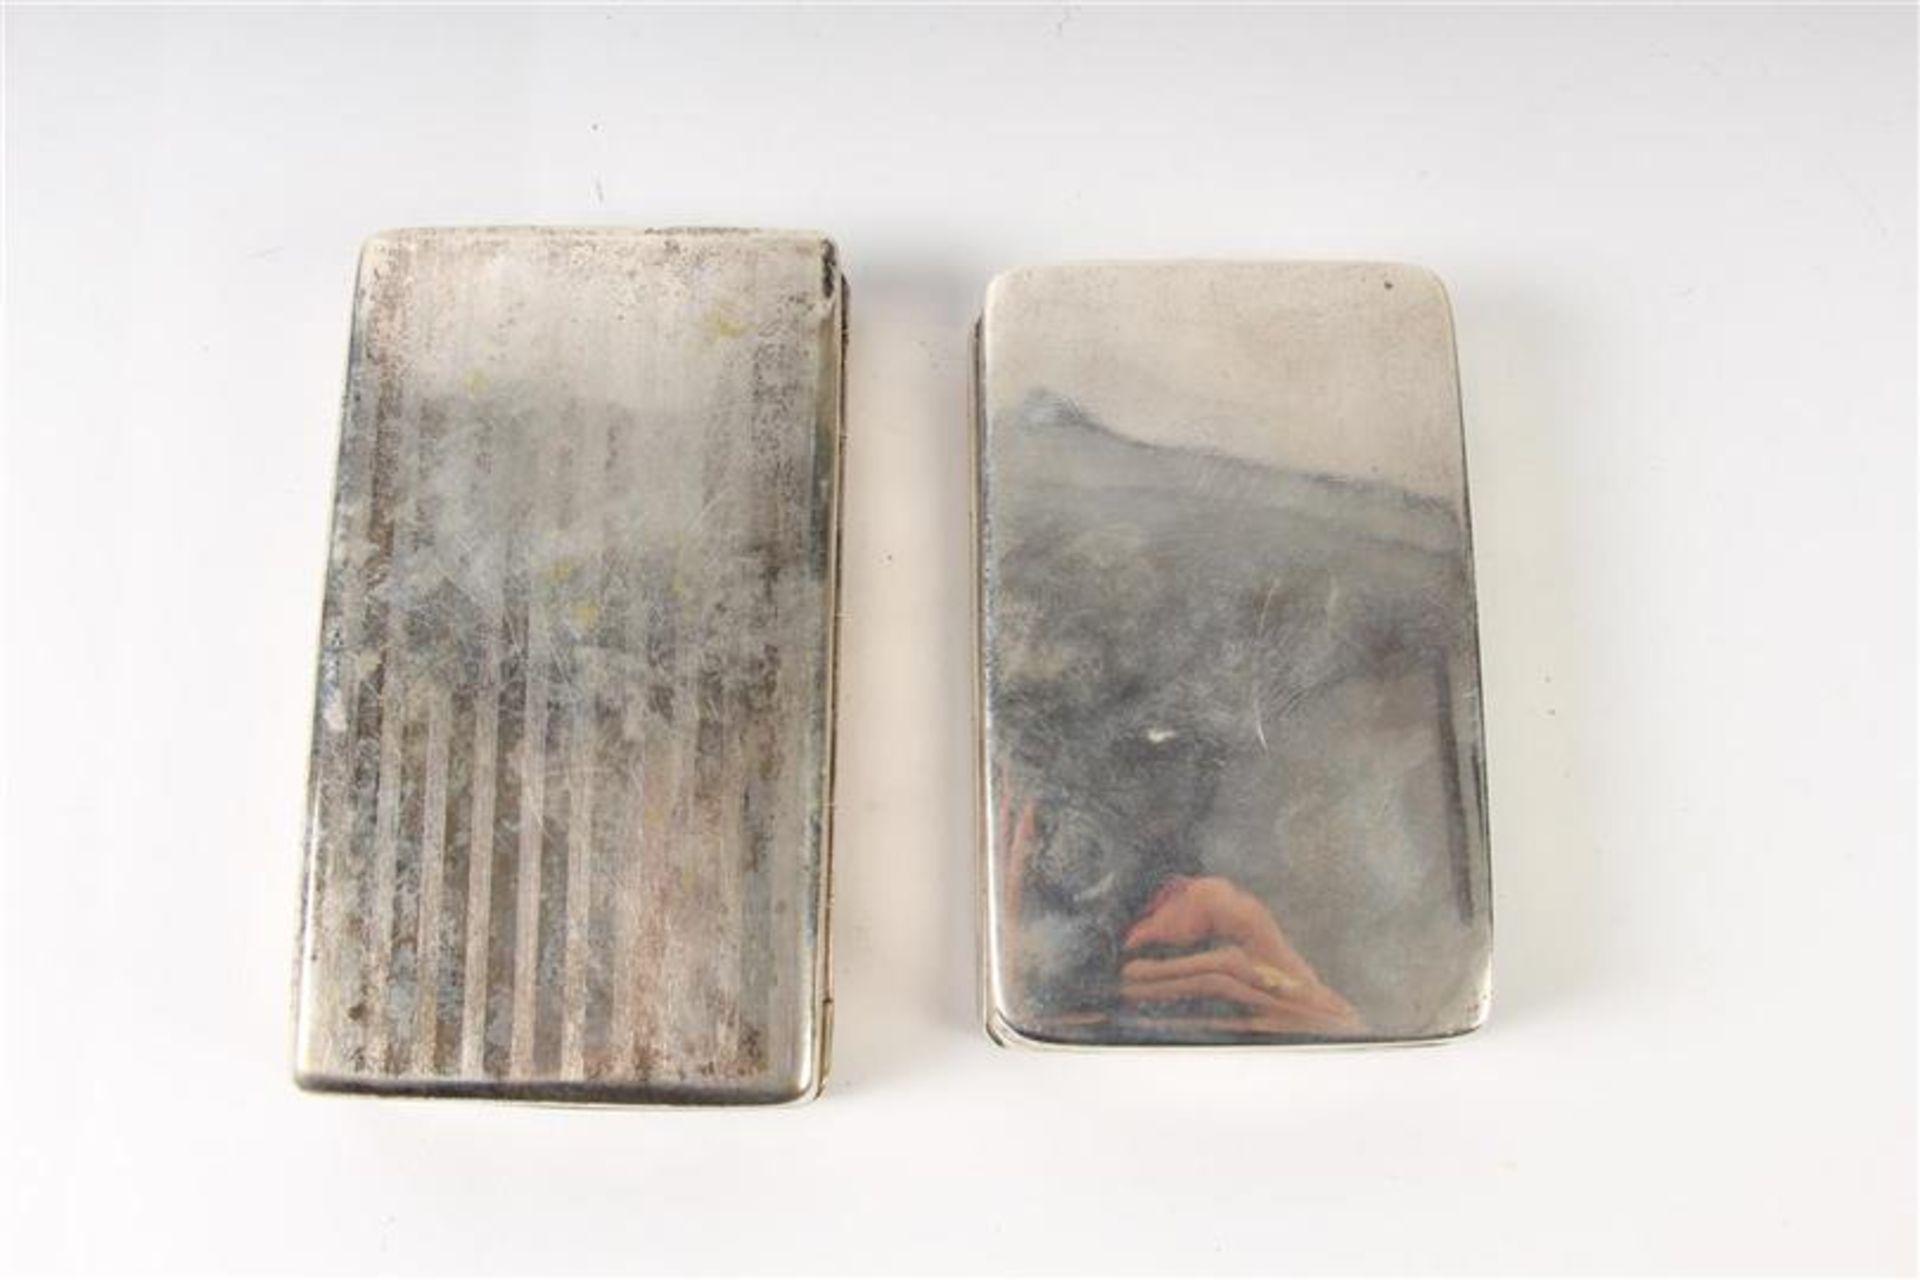 Twee zilveren tabaksdozen, Hollands gekeurd. HxBxD: 7 x 12.5 x 2.5 en 7 x 11.3 x 2.3 cm. - Bild 3 aus 5